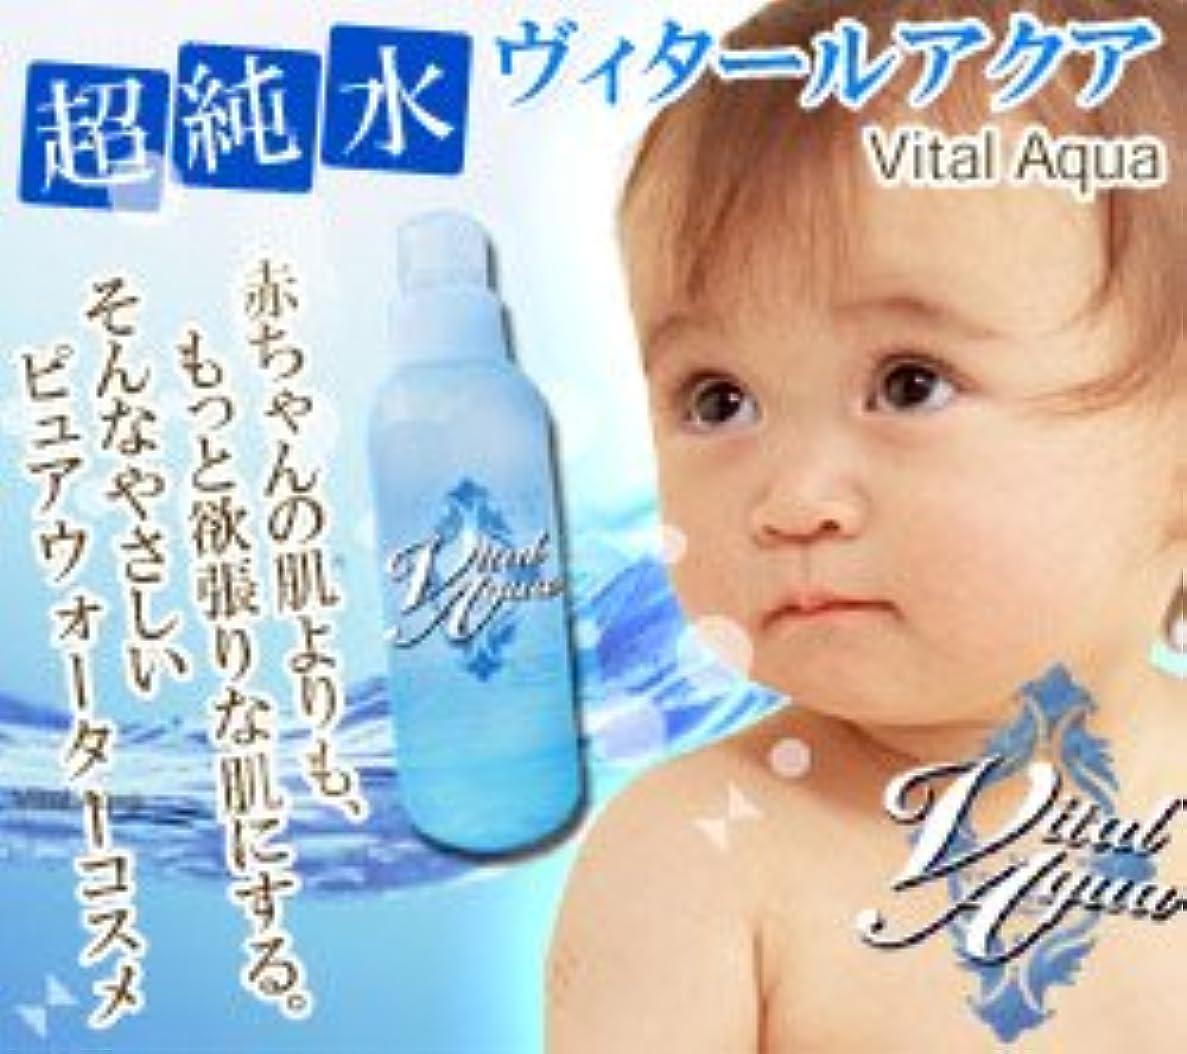 パック保証自動超純水化粧水 ヴィタールアクア200ml